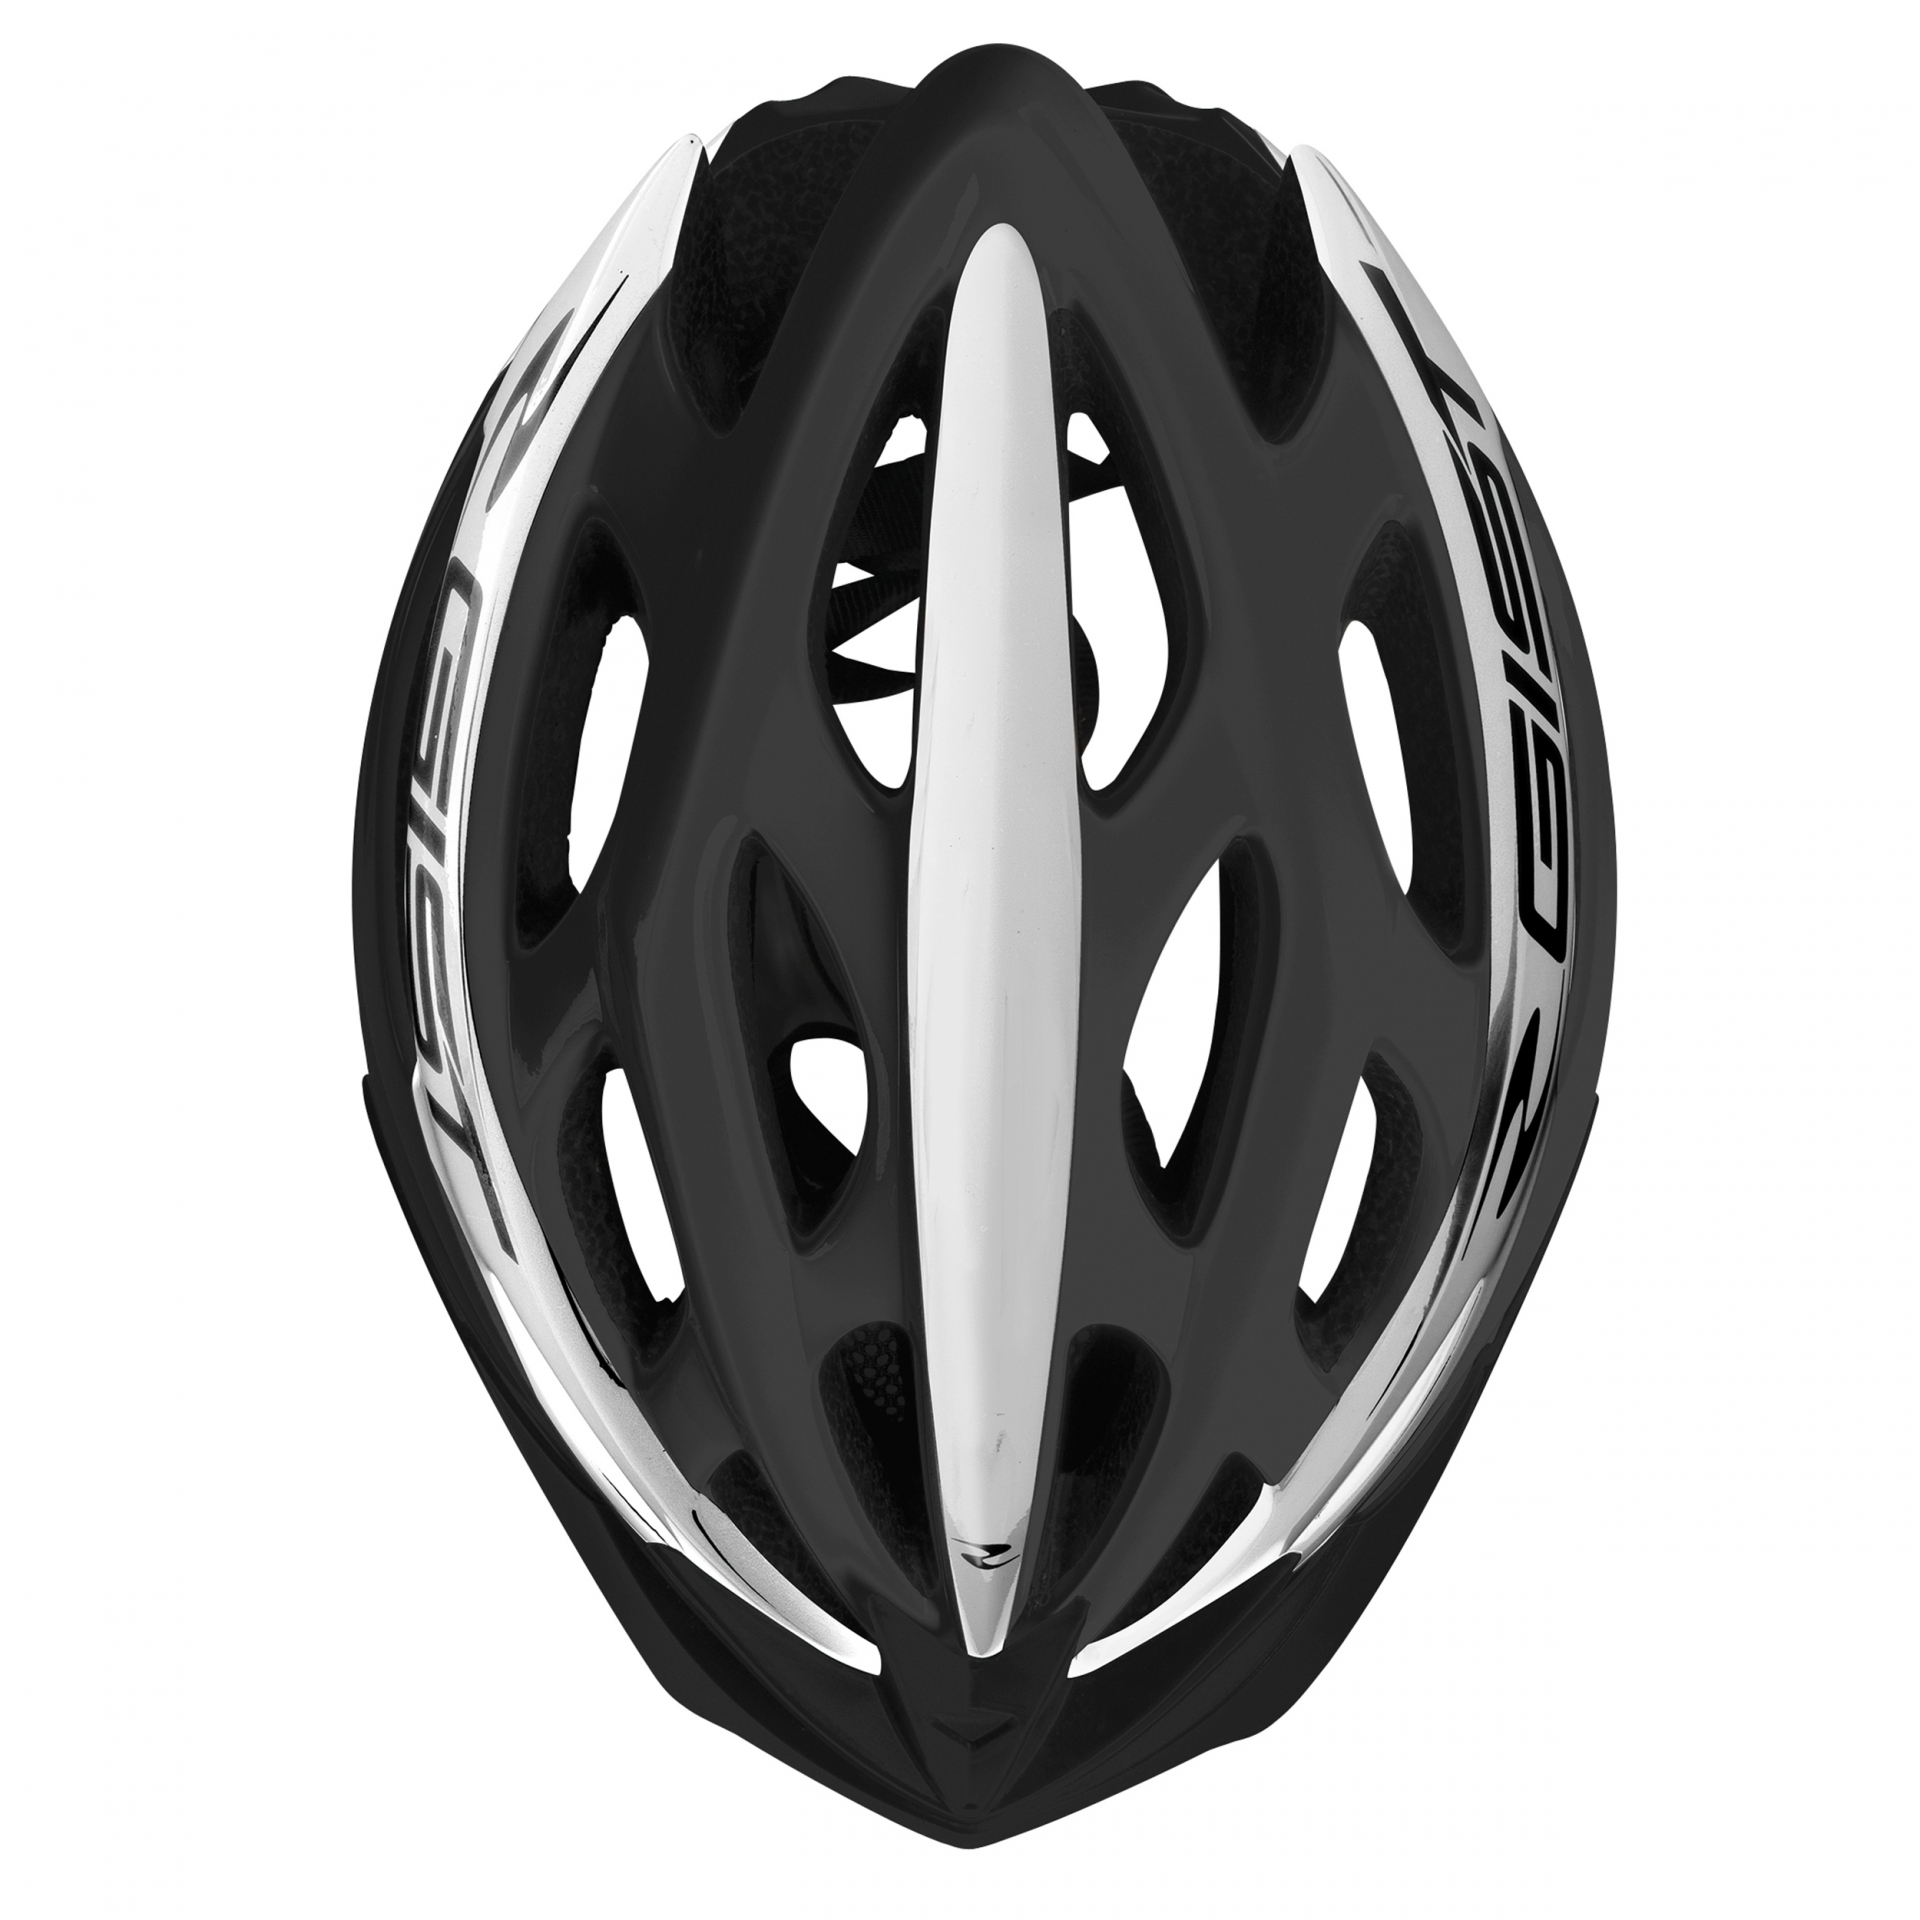 Casque Vélo GIST Faster Noir/Blanc - 52-58 cm